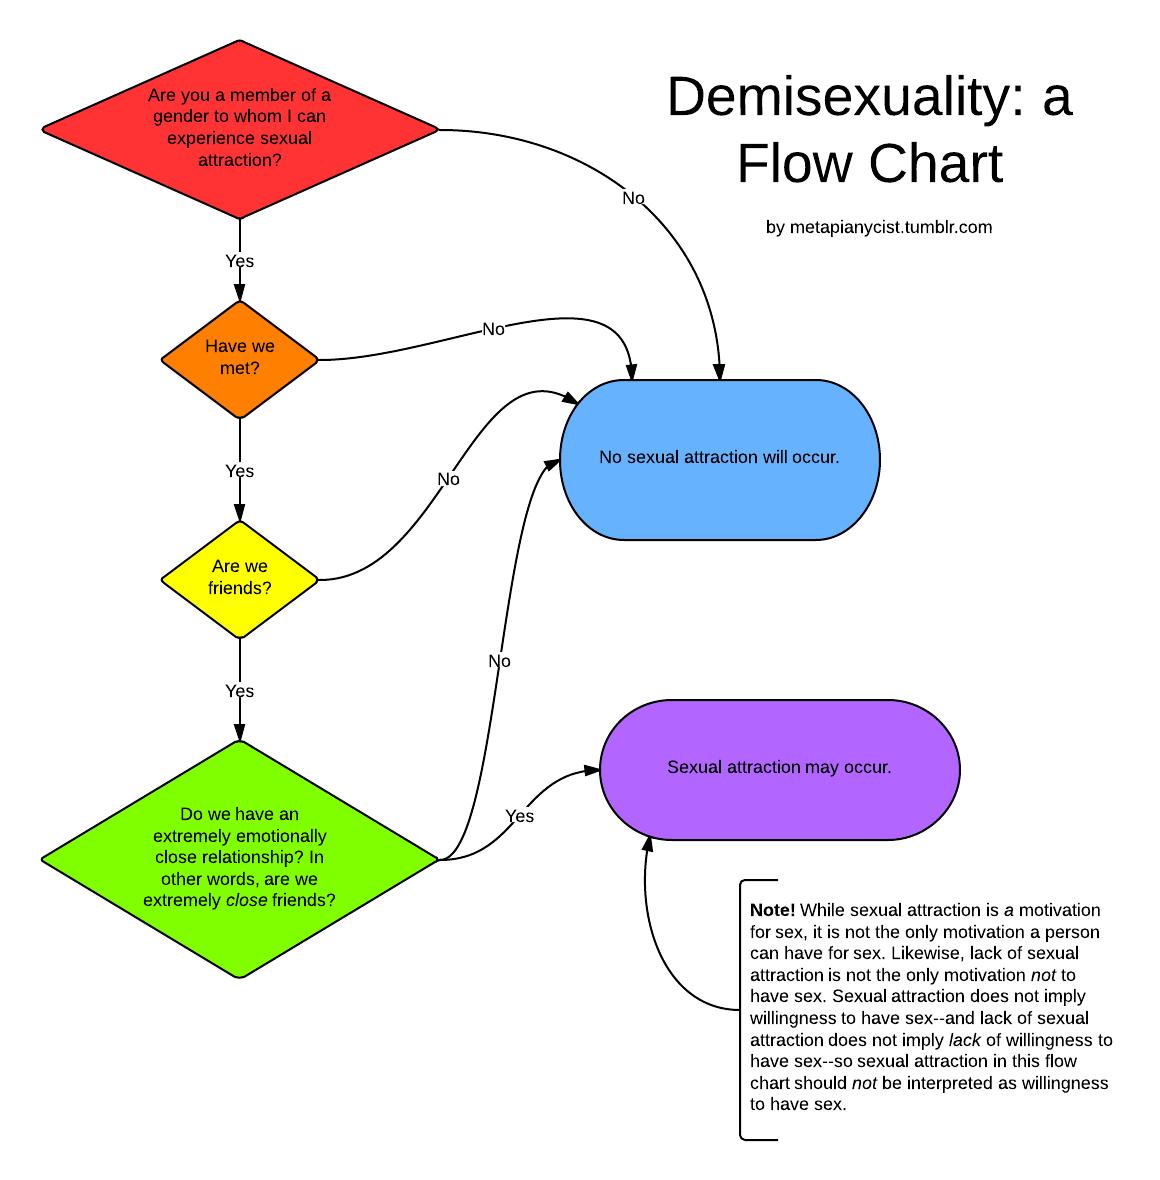 Demisexuality